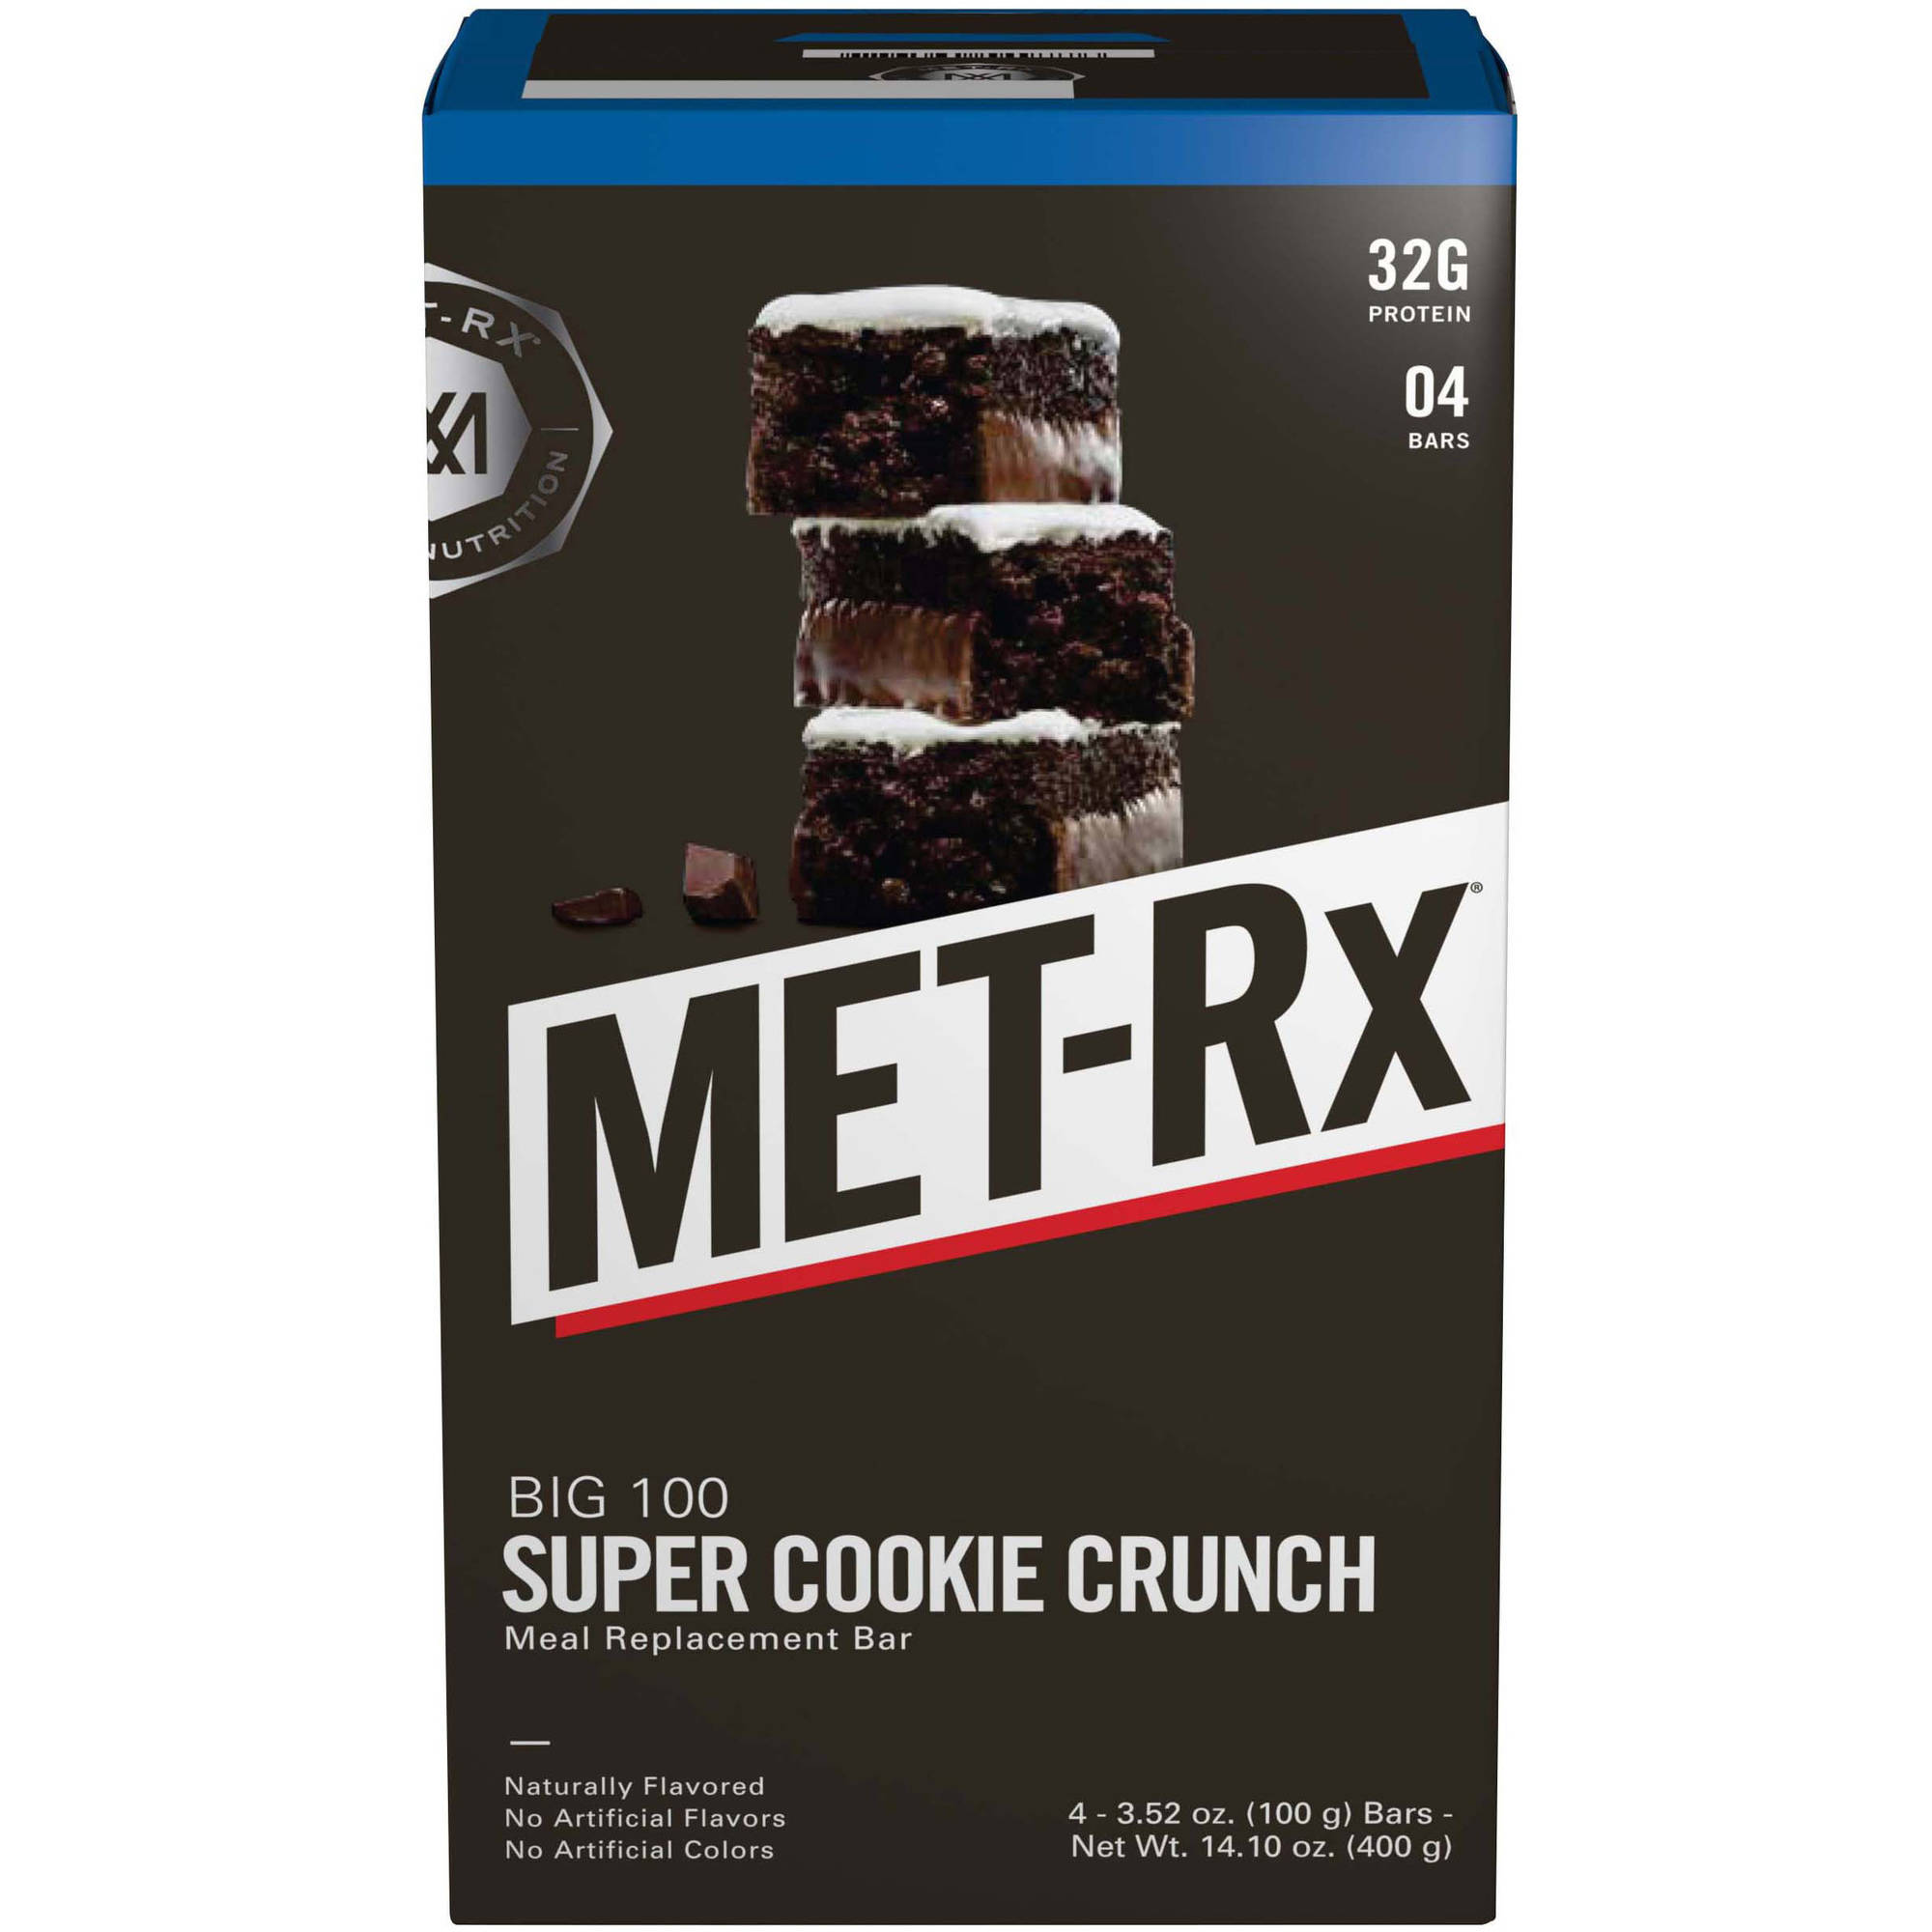 MET-Rx Big 100 Protein Bar, Super Cookie Crunch, 32g Protein, 4 Ct